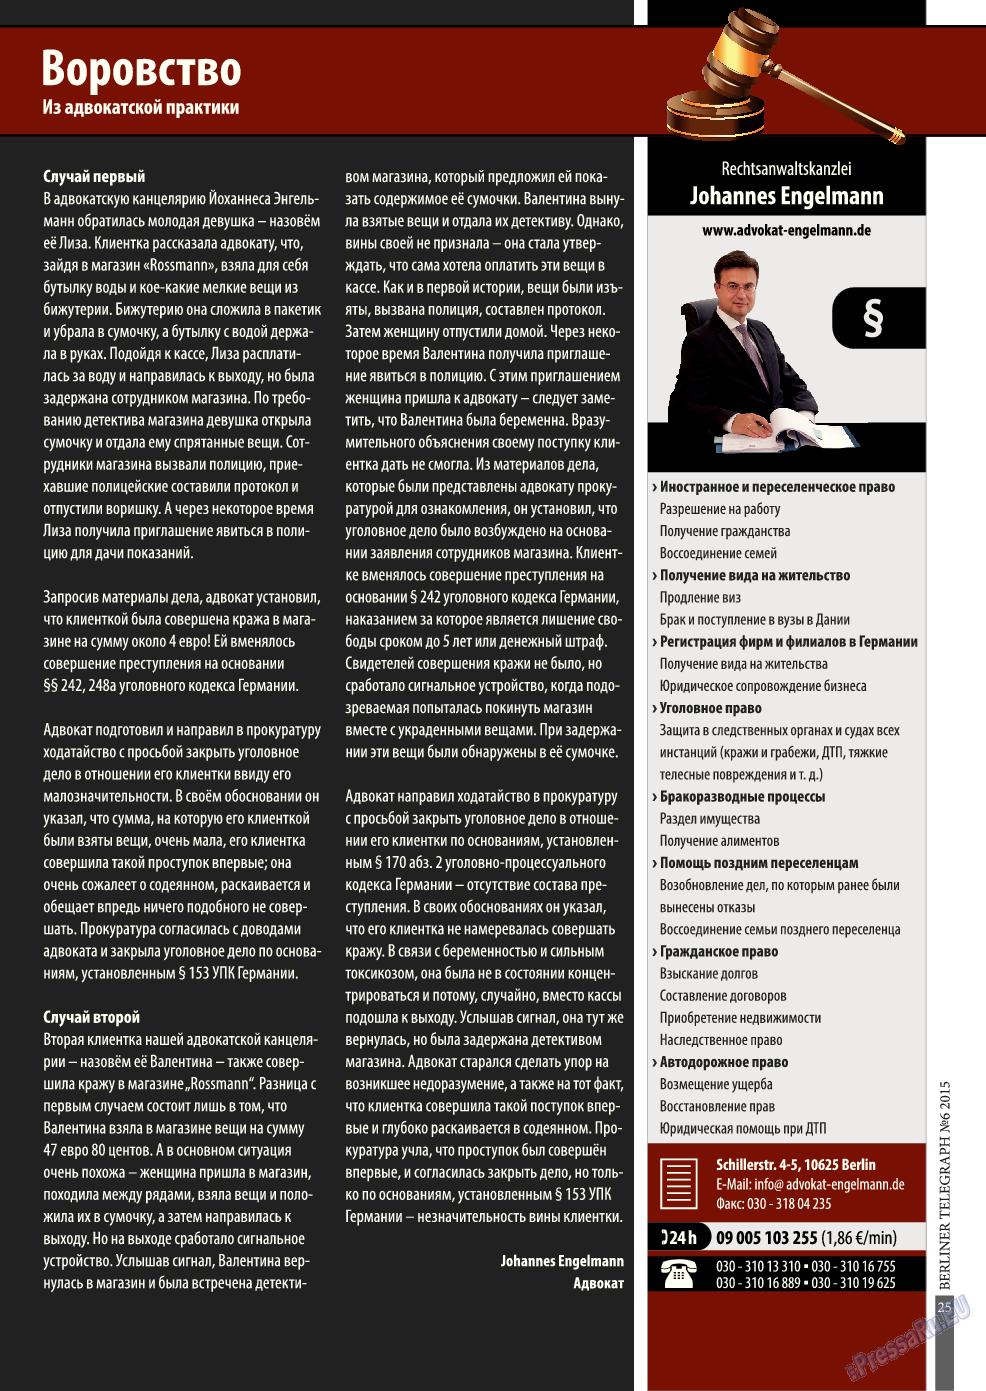 Берлинский телеграф (журнал). 2015 год, номер 6, стр. 25